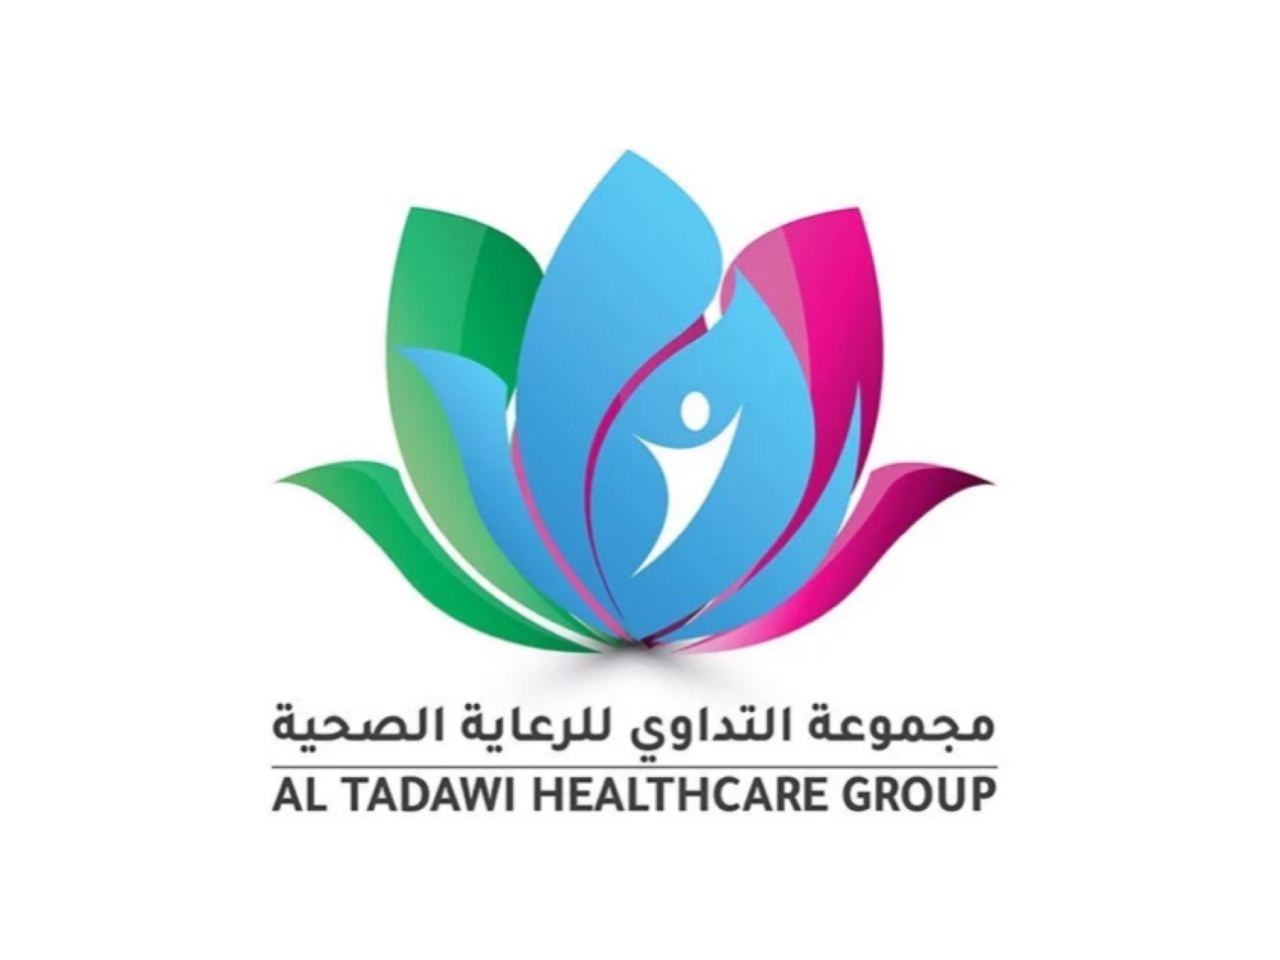 الوظائف المتاحة في مجموعة التداوي للرعاية الصحية دبي |Jobs al-tadawi healthcare group 2021  بتاريخ اليوم 8-2-2021 .